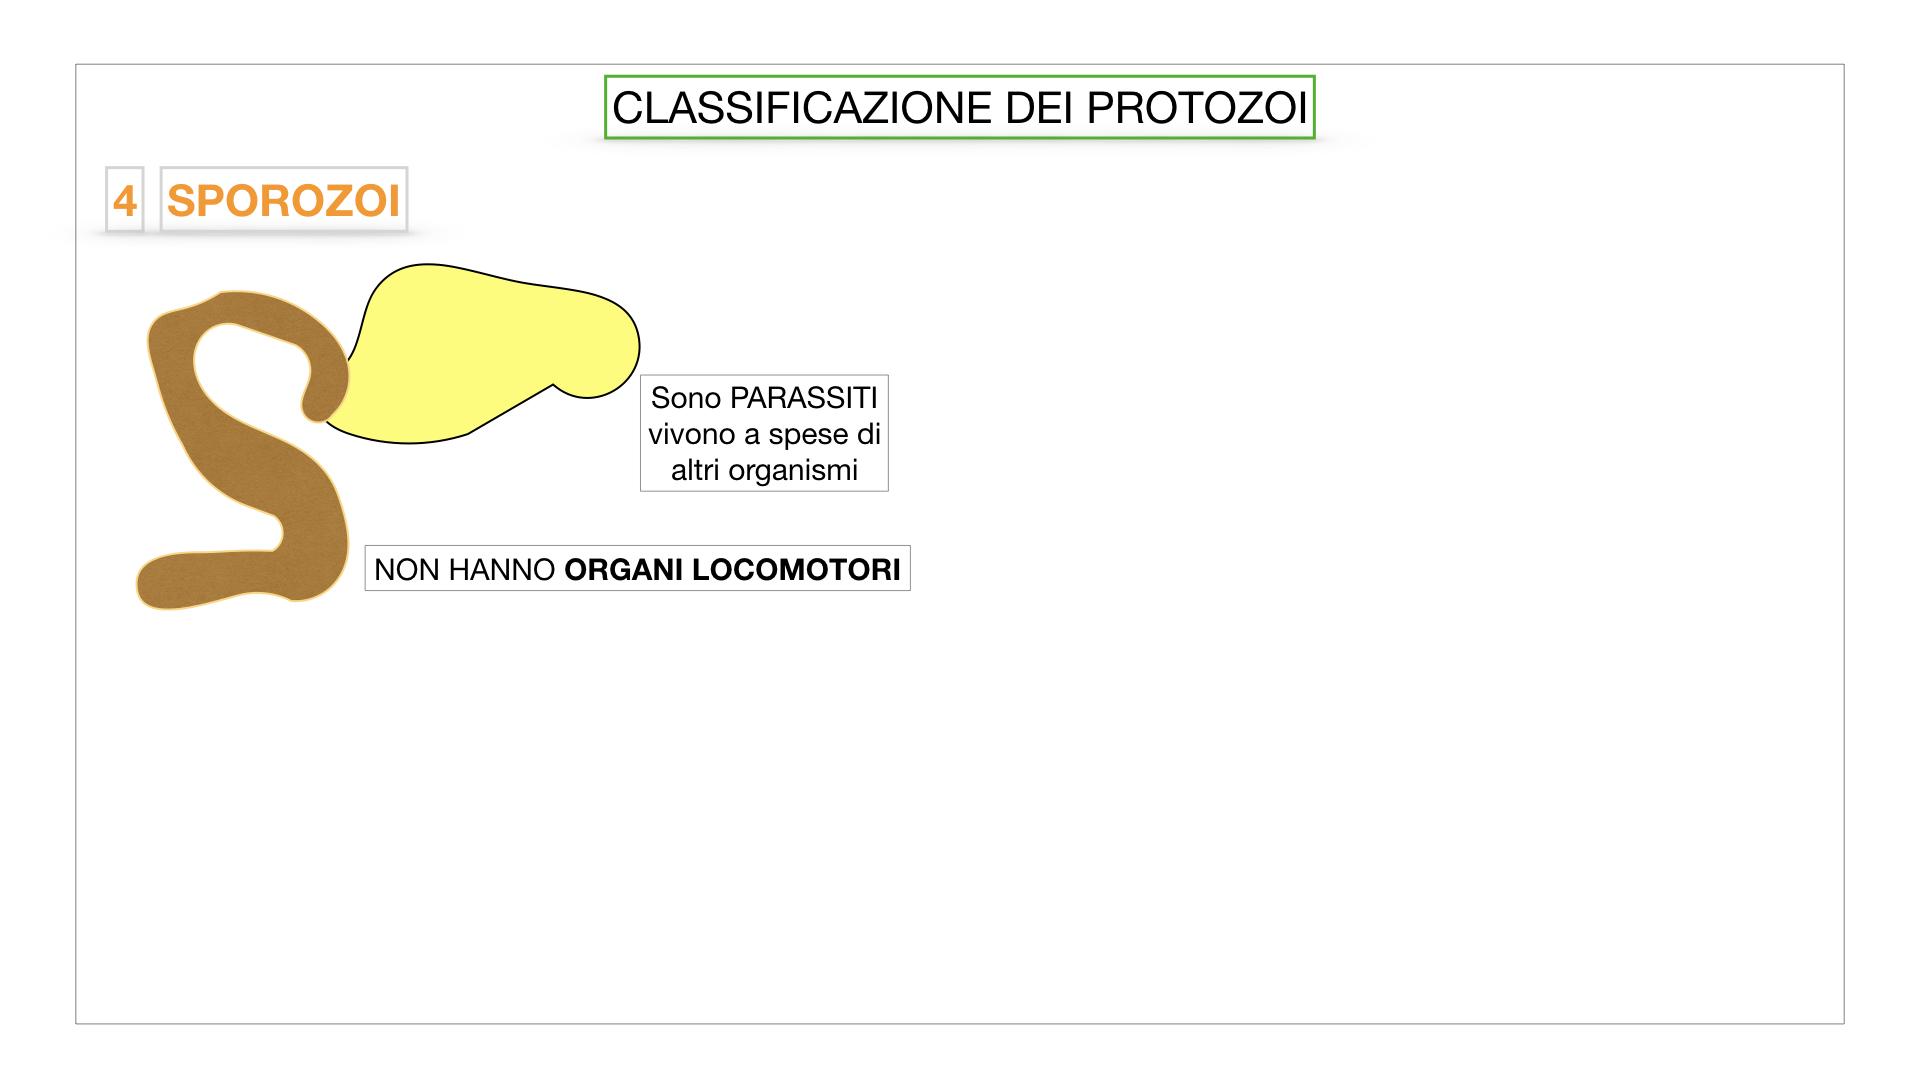 6. PROTOZOI_classificazione_SIMULAZIONE.047